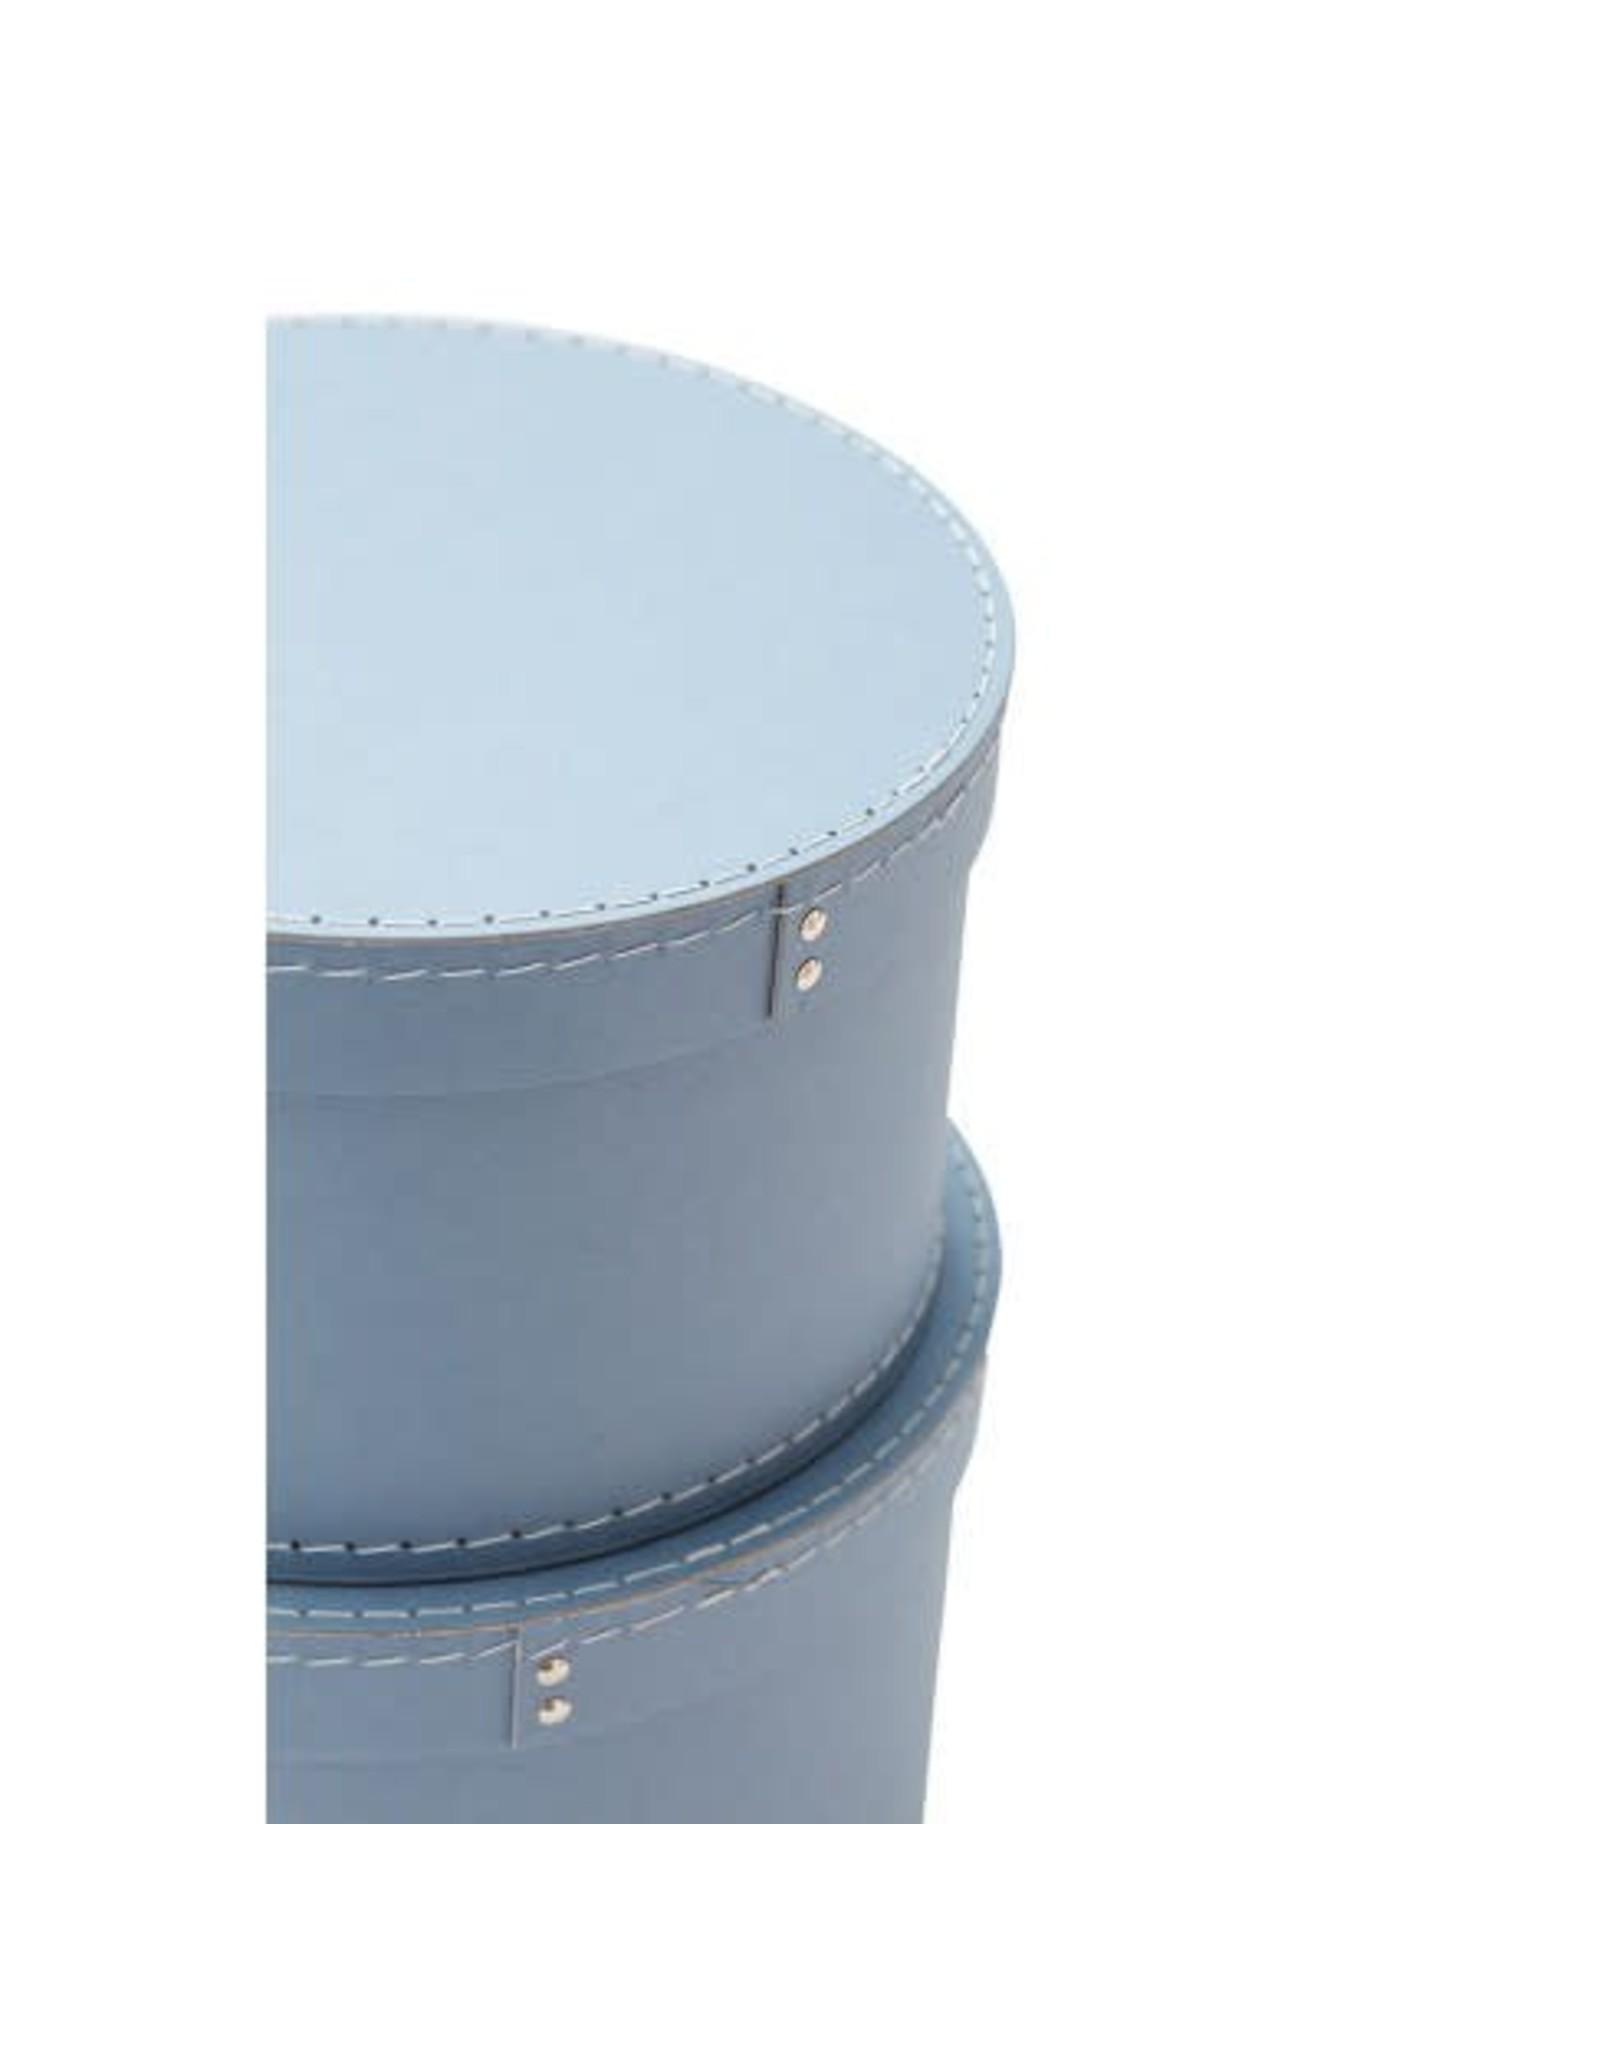 KIDS CONCEPT Blue Storage Boxes